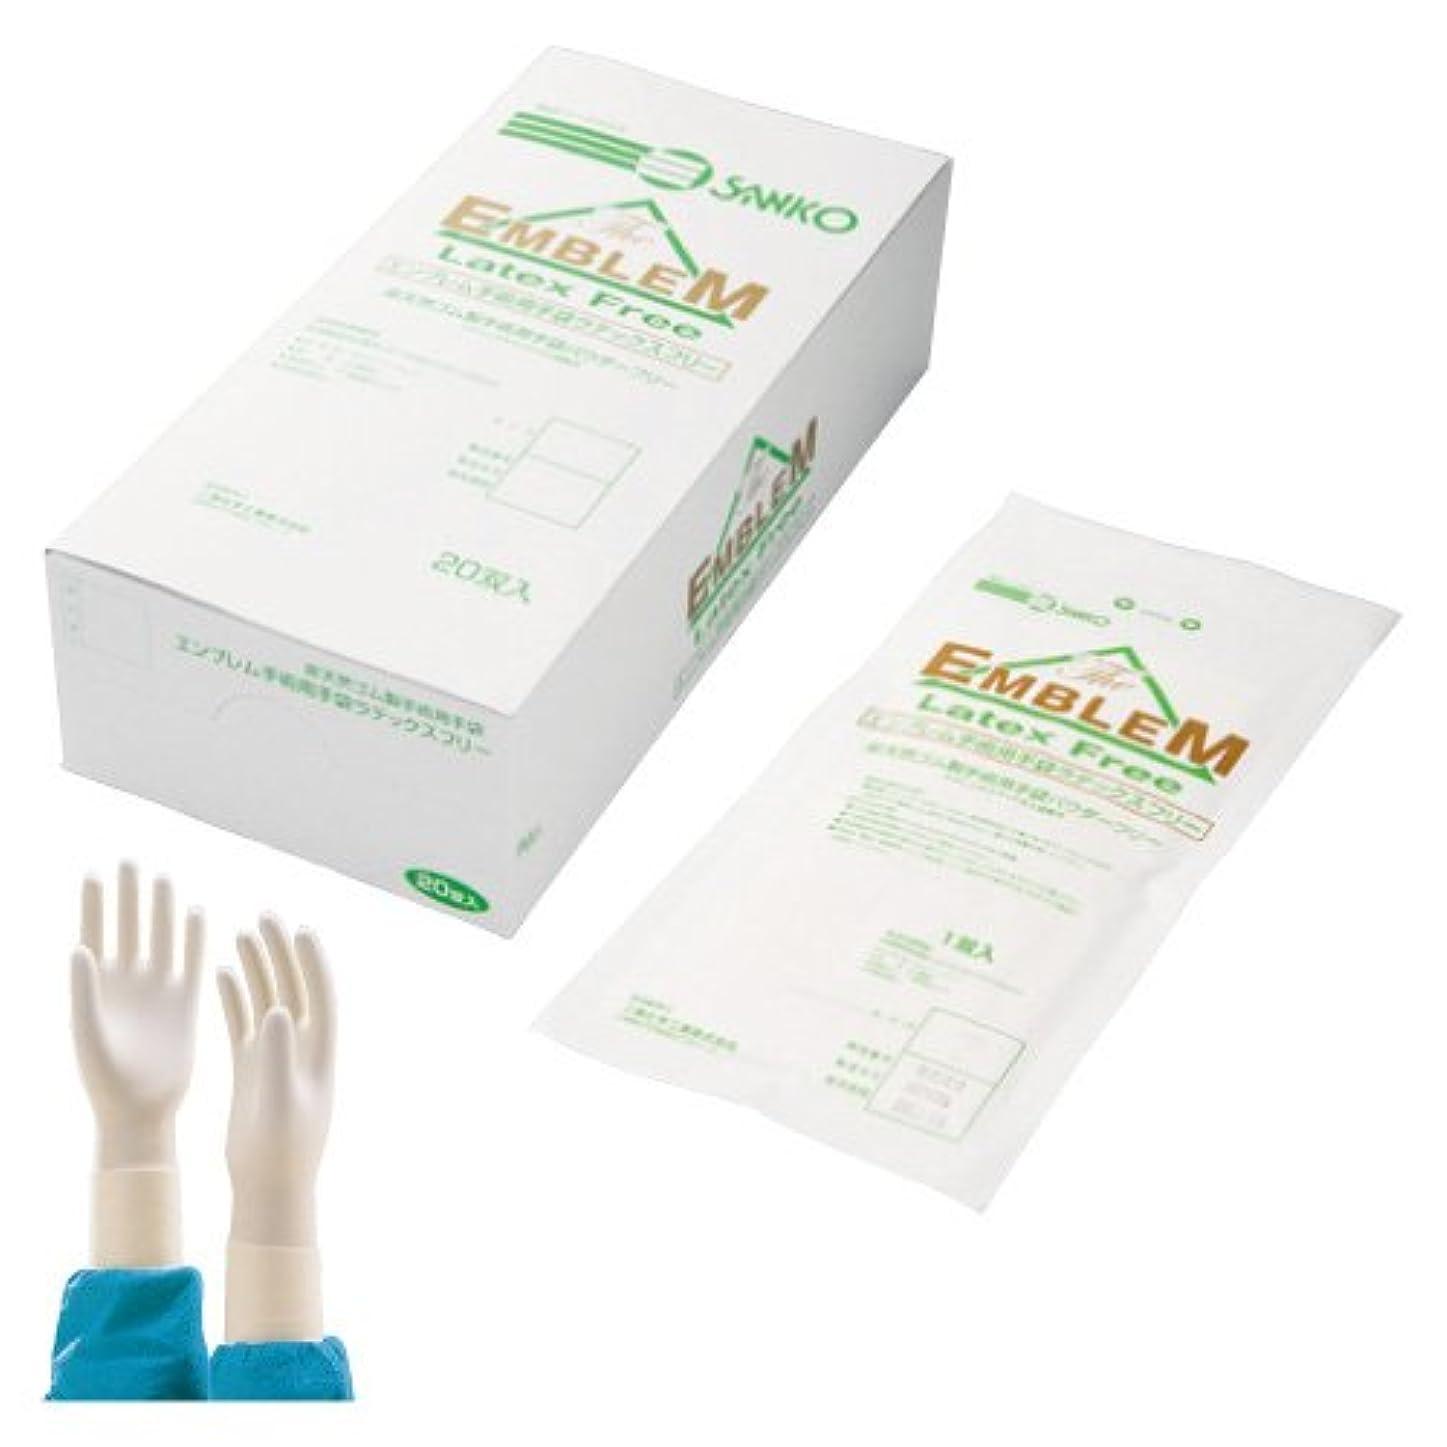 エンブレム手術用手袋 6 <1箱(20双入)>